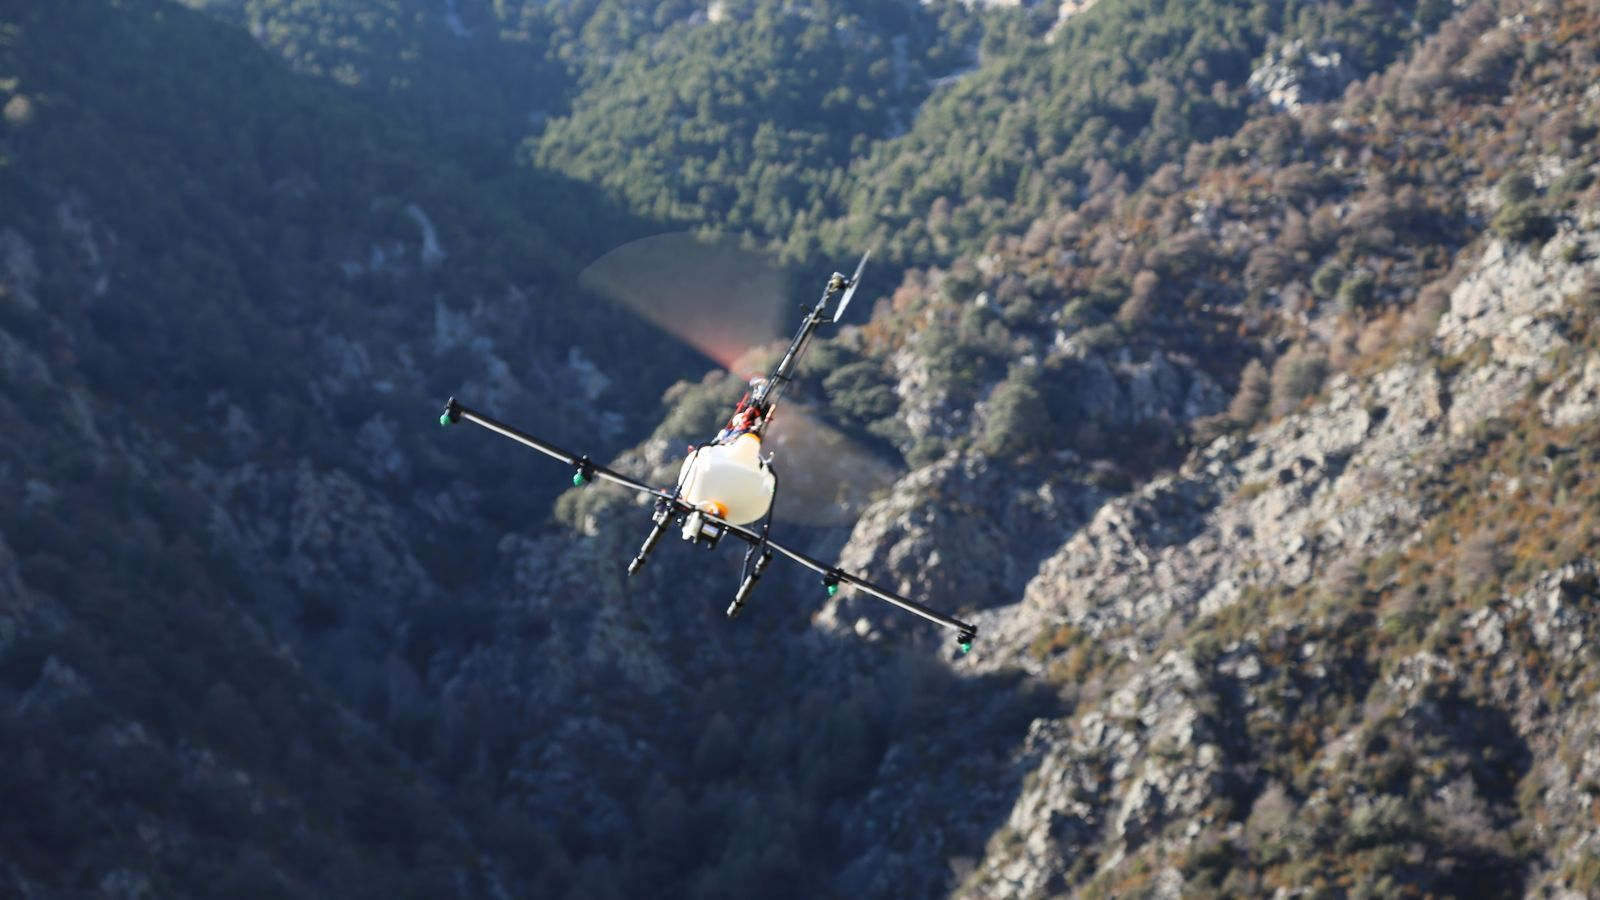 Drons de llarga distància sobrevolen Sant Julià per tractar la processionària